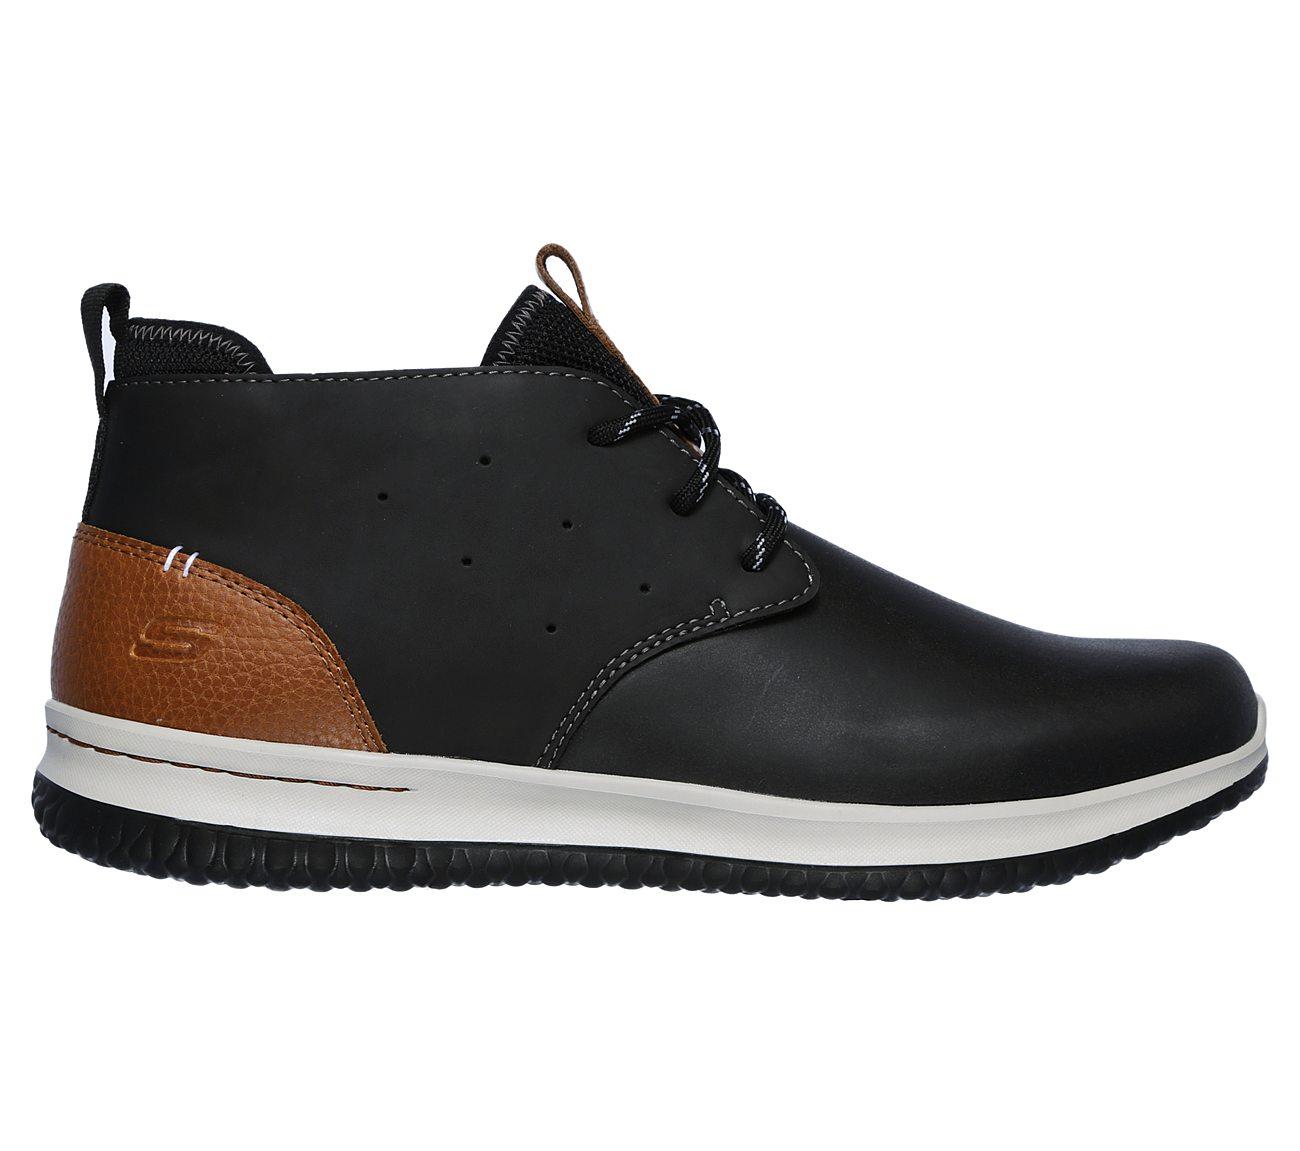 SKECHERS Delson - Clenton Comfort Shoes